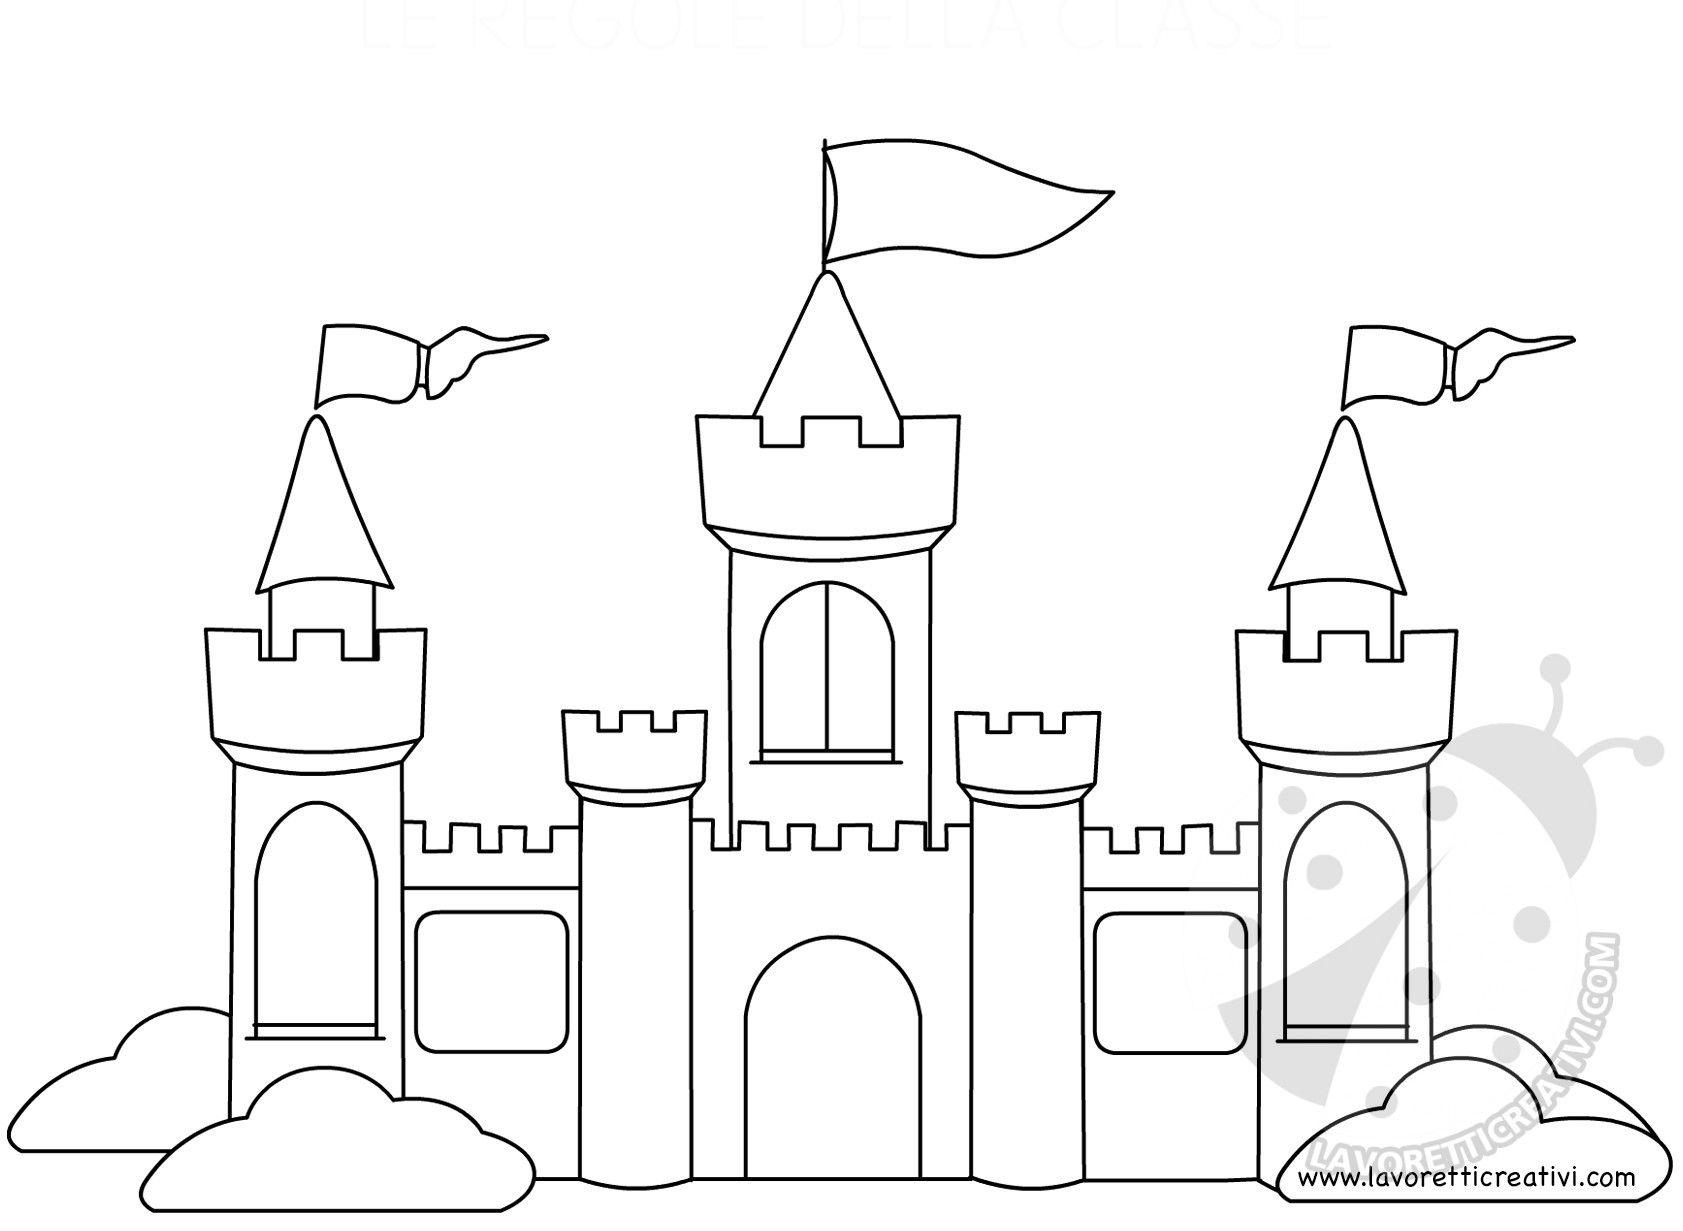 Immagini Castelli Da Colorare.Castello Da Colorare Disegni Da Colorare Disegni Da Colorare Estate Castello